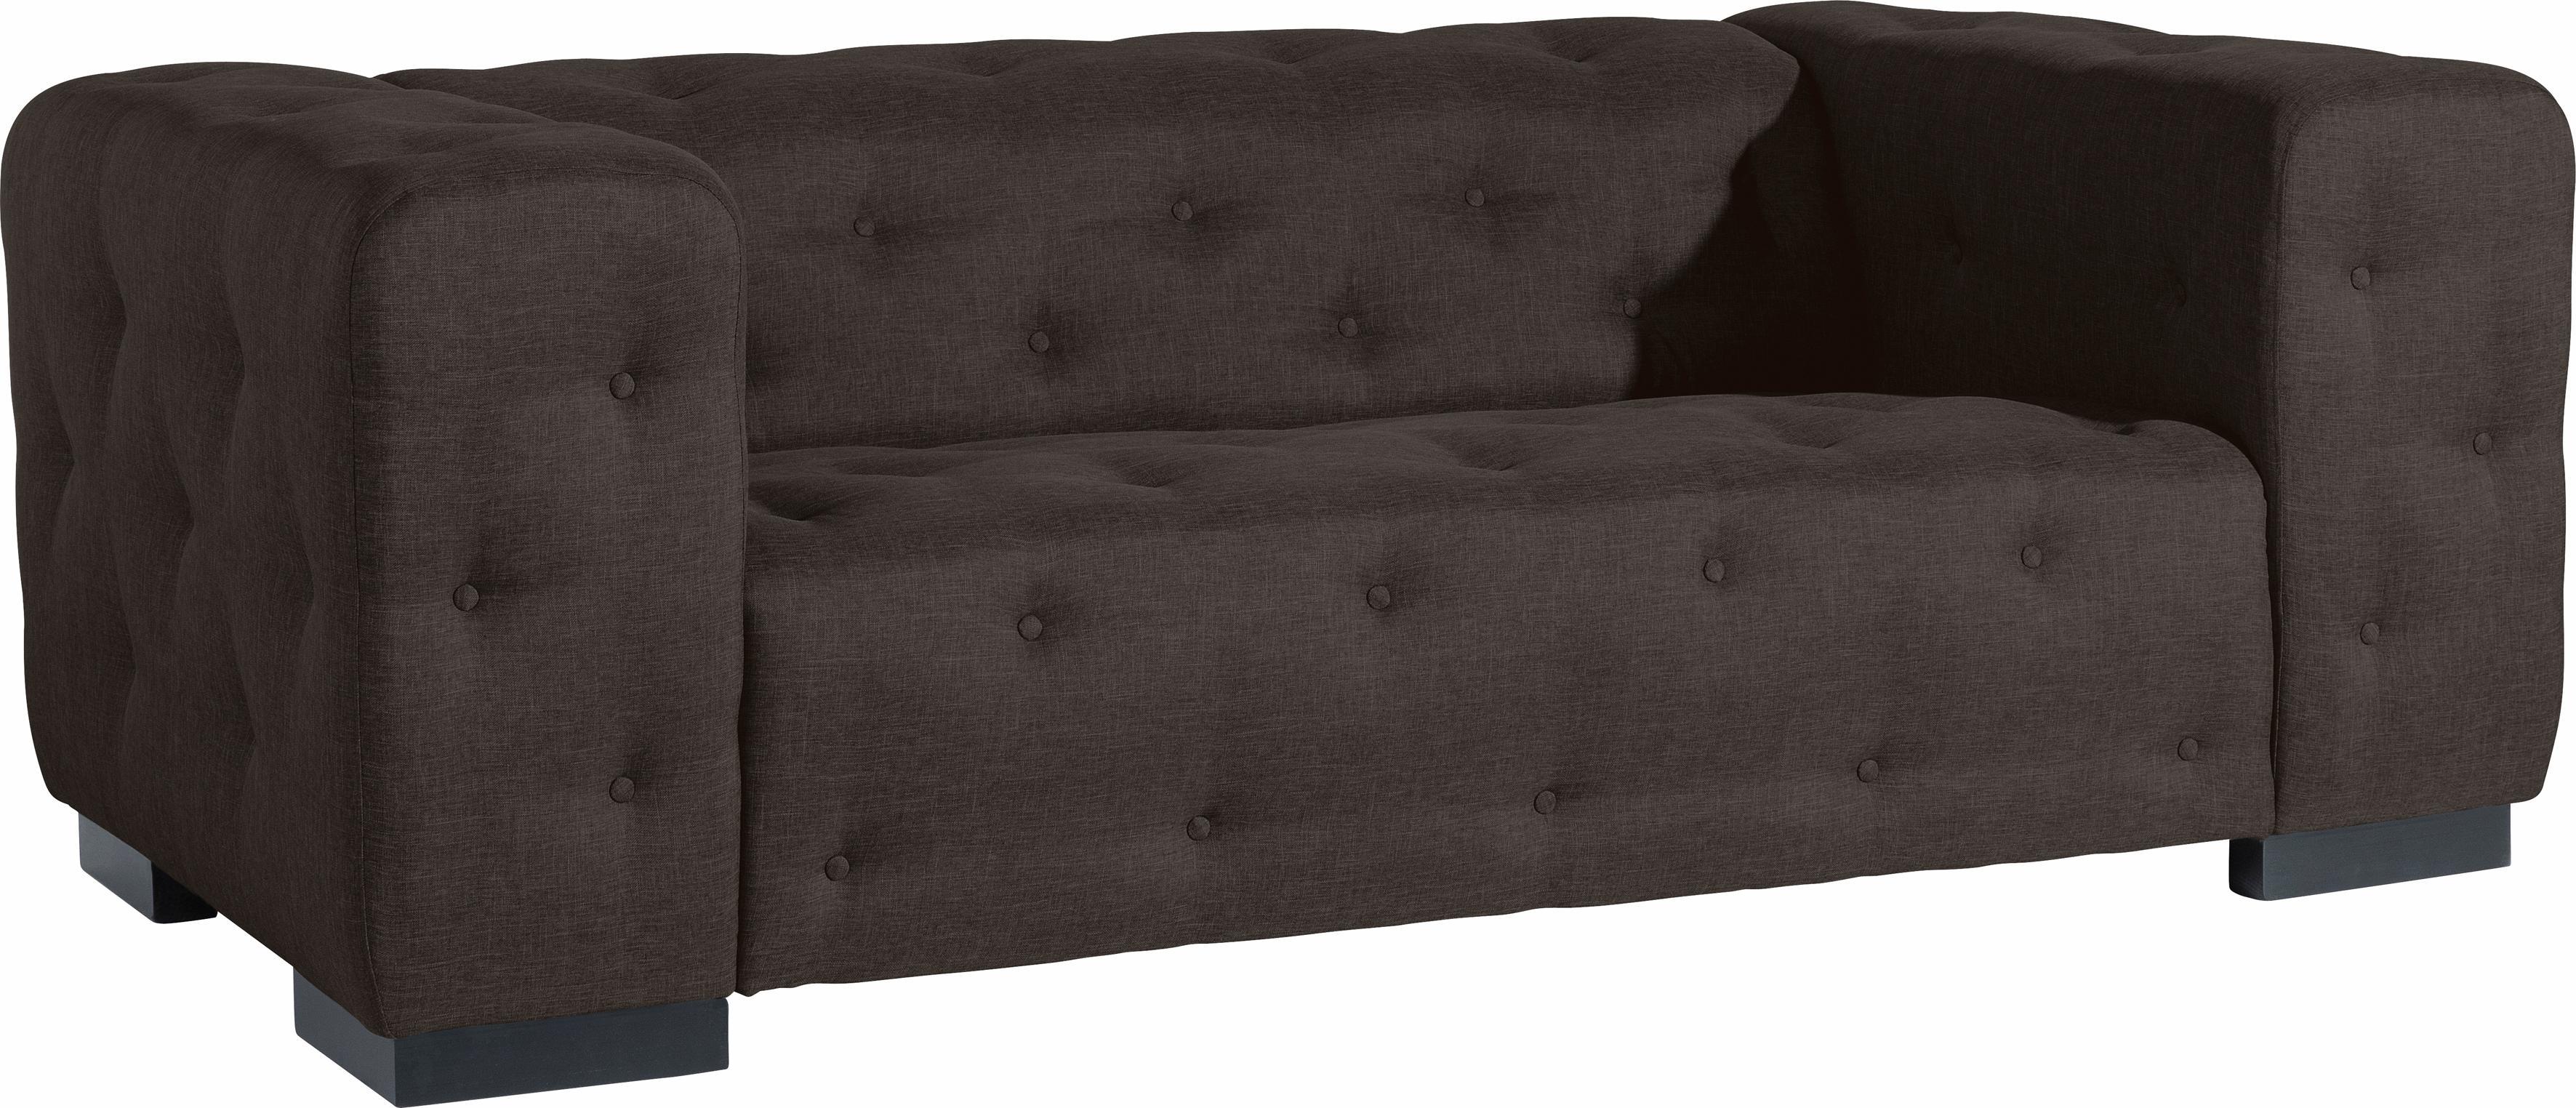 Max Winzer® 2-Sitzer Sofa »York« mit Knopfheftung, Breite 196 cm